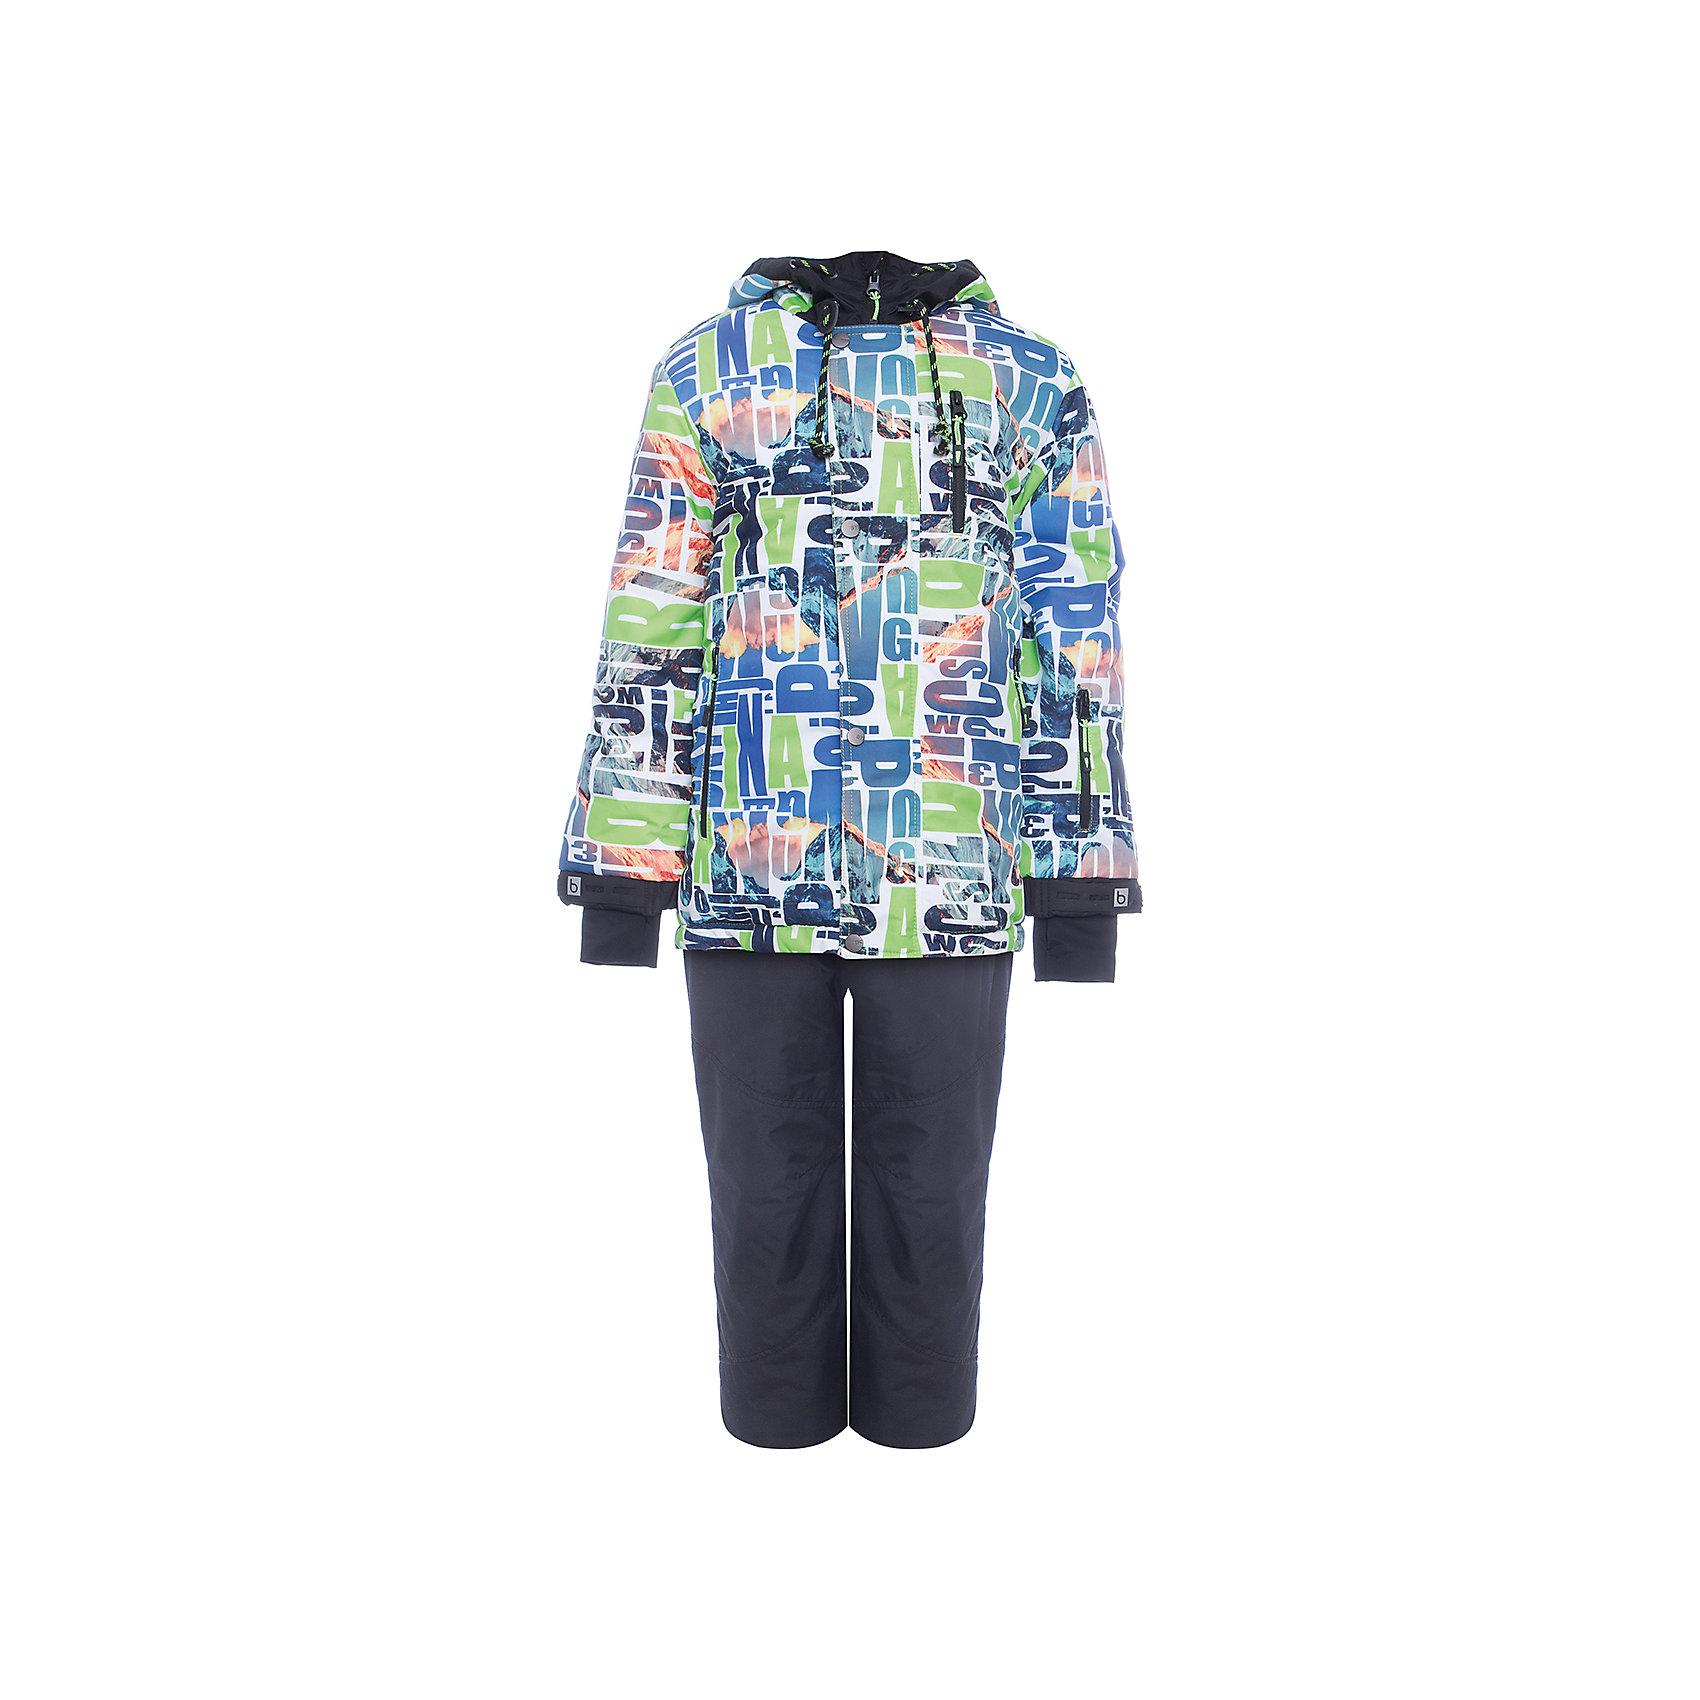 Комплект: куртка и полукомбенизон Коля Batik для мальчикаВерхняя одежда<br>Характеристики товара:<br><br>• цвет: лайм<br>• комплектация: куртка и полукомбинезон, горнолыжные очки<br>• состав ткани: таслан<br>• подкладка: поларфлис<br>• утеплитель: слайтекс<br>• сезон: зима<br>• мембранное покрытие<br>• температурный режим: от -35 до 0<br>• водонепроницаемость: 5000 мм <br>• паропроницаемость: 5000 г/м2<br>• плотность утеплителя: куртка - 350 г/м2, полукомбинезон - 200 г/м2<br>• застежка: молния<br>• капюшон: без меха, отстегивается<br>• встроенный термодатчик<br>• страна бренда: Россия<br>• страна изготовитель: Россия<br><br>Мембранное покрытие этого комплекта для мальчика не пропускает ветер и мороз. Мягкая подкладка детского комплекта для зимы обеспечивает высокий уровень комфорта. Это зимний комплект для мальчика дополнен удобными карманами и капюшоном. Зимний детский комплект защитит ребенка от попадания снега внутрь благодаря манжетам. <br><br>Комплект: куртка и полукомбинезон Коля Batik (Батик) для мальчика можно купить в нашем интернет-магазине.<br><br>Ширина мм: 356<br>Глубина мм: 10<br>Высота мм: 245<br>Вес г: 519<br>Цвет: зеленый<br>Возраст от месяцев: 144<br>Возраст до месяцев: 156<br>Пол: Мужской<br>Возраст: Детский<br>Размер: 158,128,134,140,146,152<br>SKU: 7028385